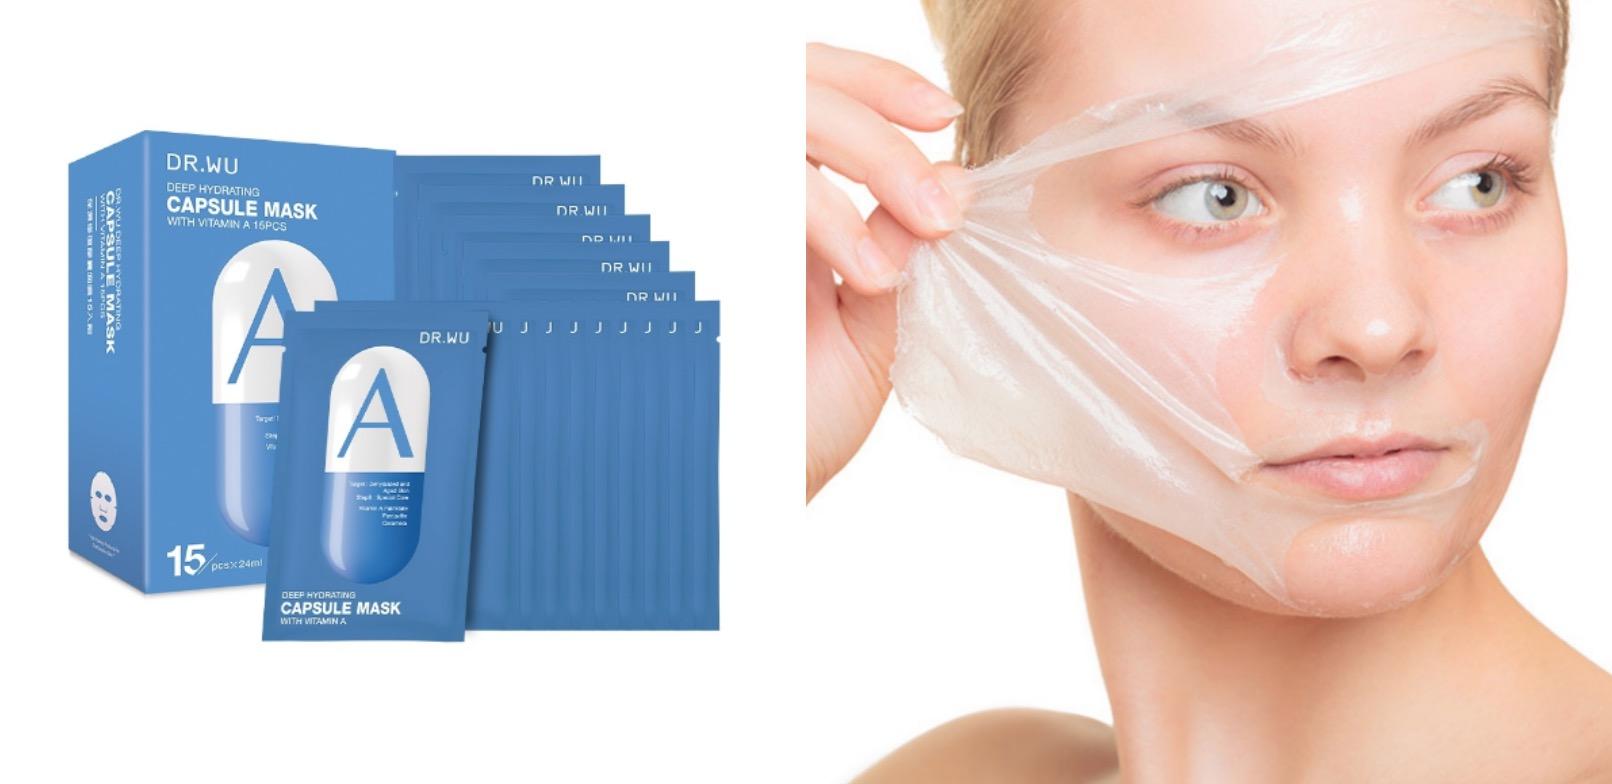 一次滿足保濕、修復雙重需求,有效滋潤表皮、提升肌膚保濕力,獨特微導棉緊密貼合臉部曲線,使肌膚回復健康狀態,肌膚水嫩一整天。